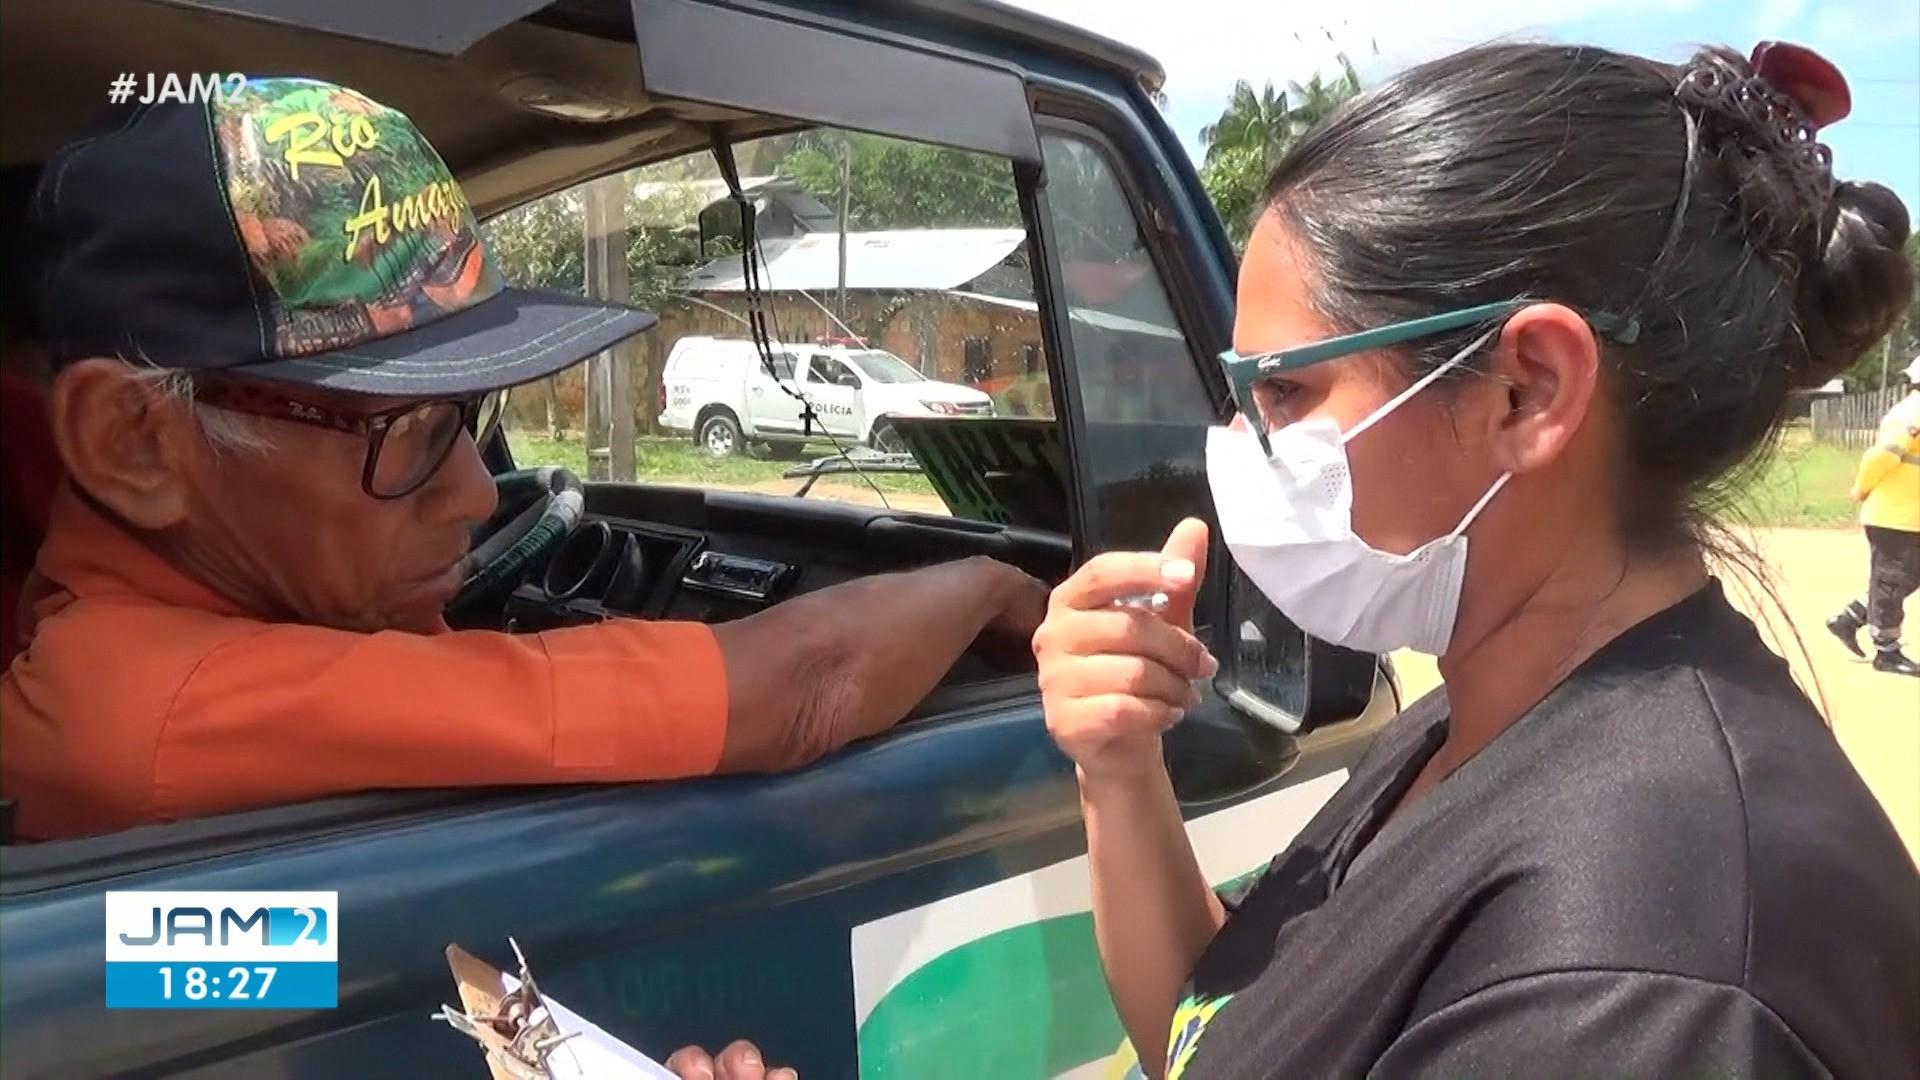 VÍDEOS: Distrito indígena adota medidas de prevenção contra novo coronavírus; Veja destaques do JAM 2